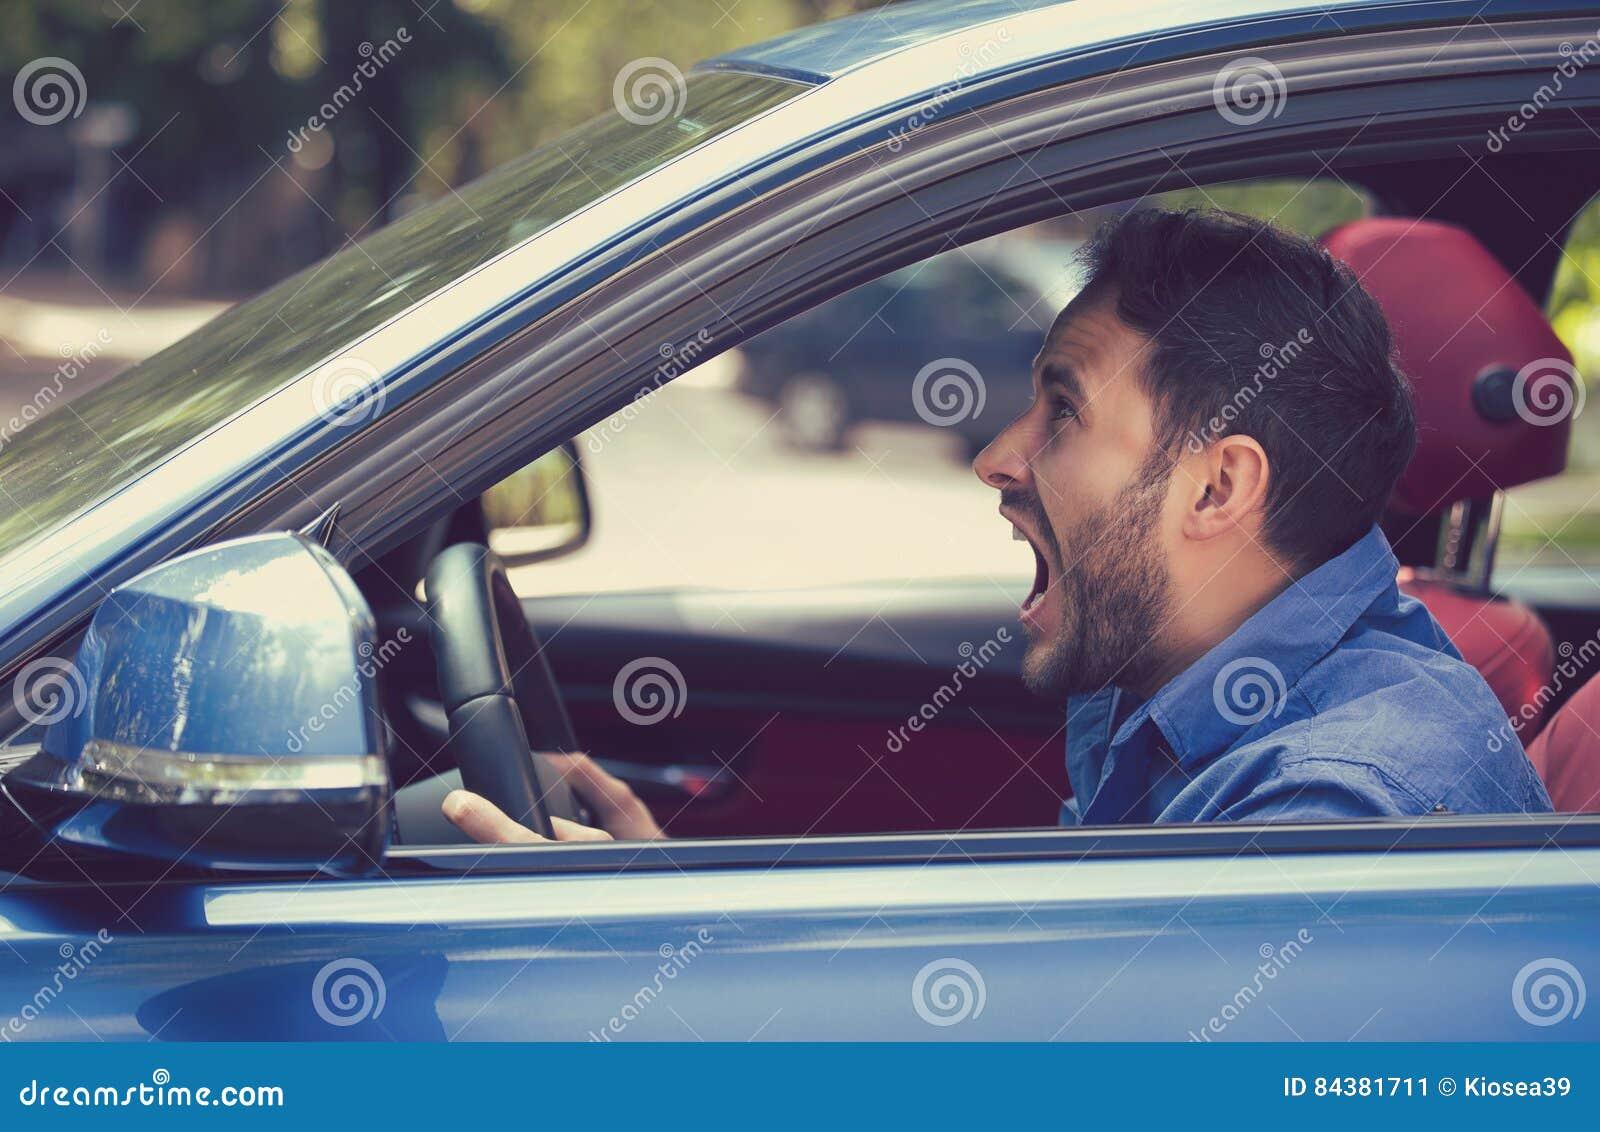 旁边外形恼怒的司机 消极情感面孔表示